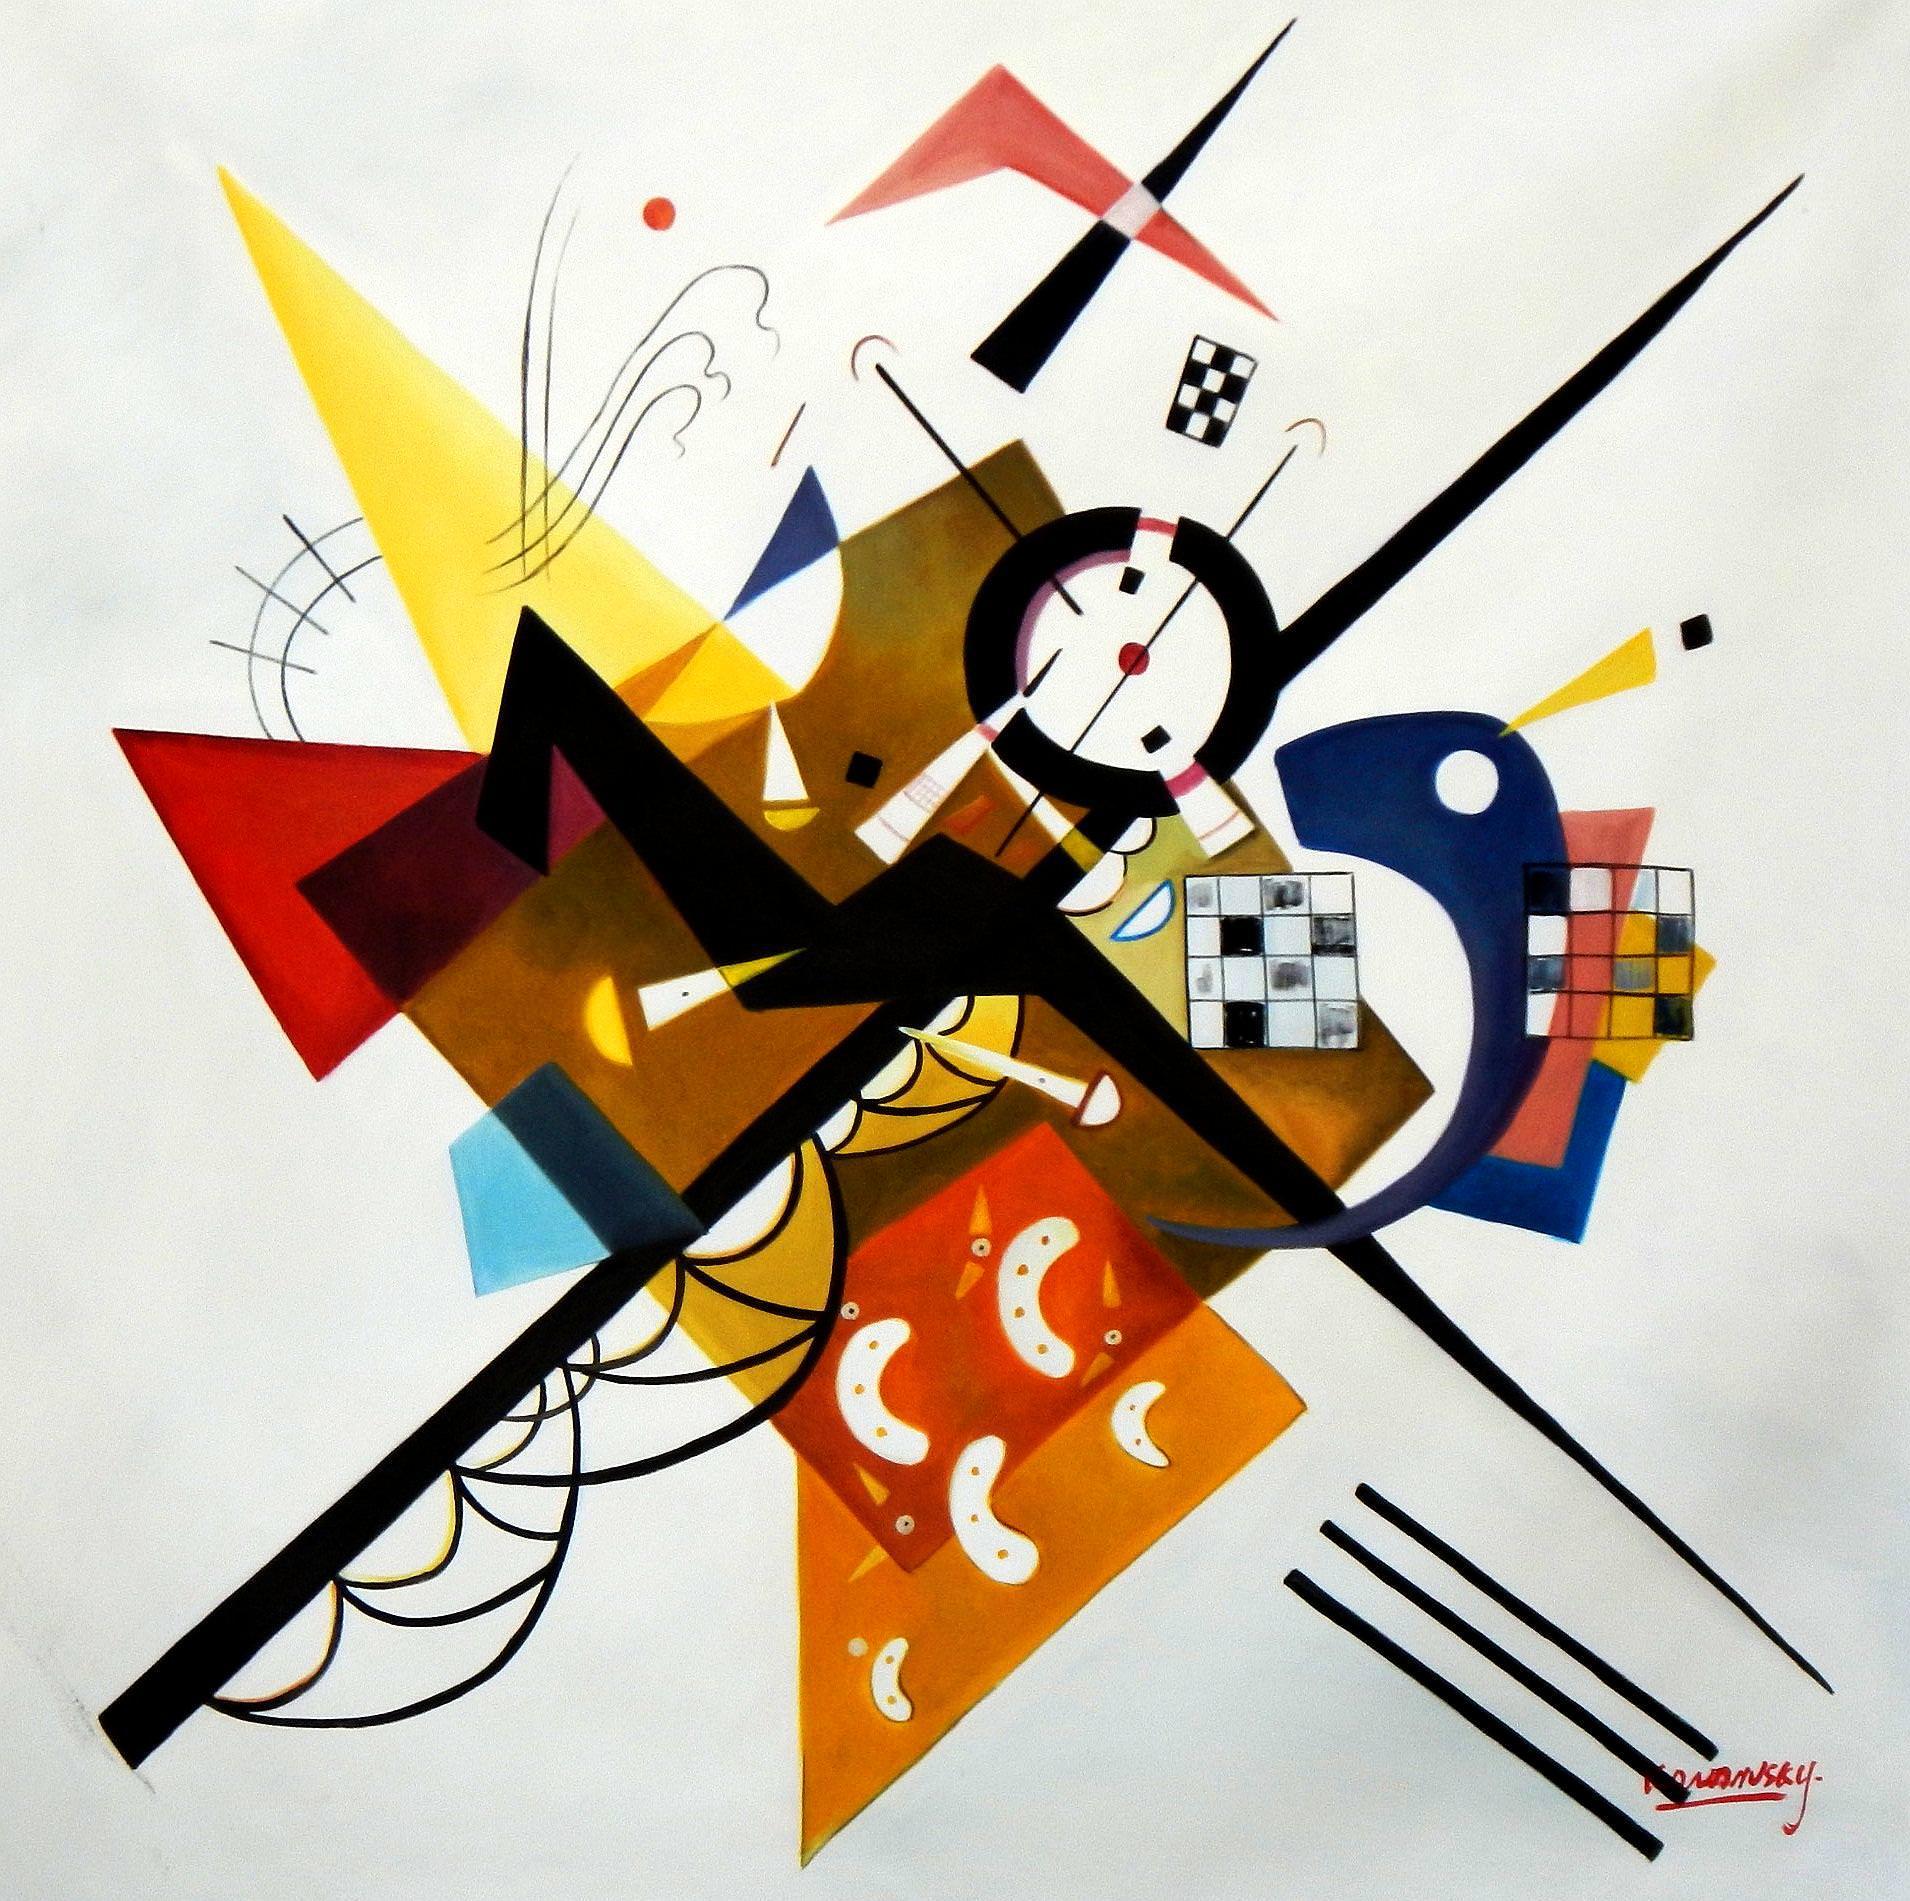 Wassily Kandinsky - Gleichgewicht in der Zusammensetzung m94089 120x120cm exquisites Gemälde